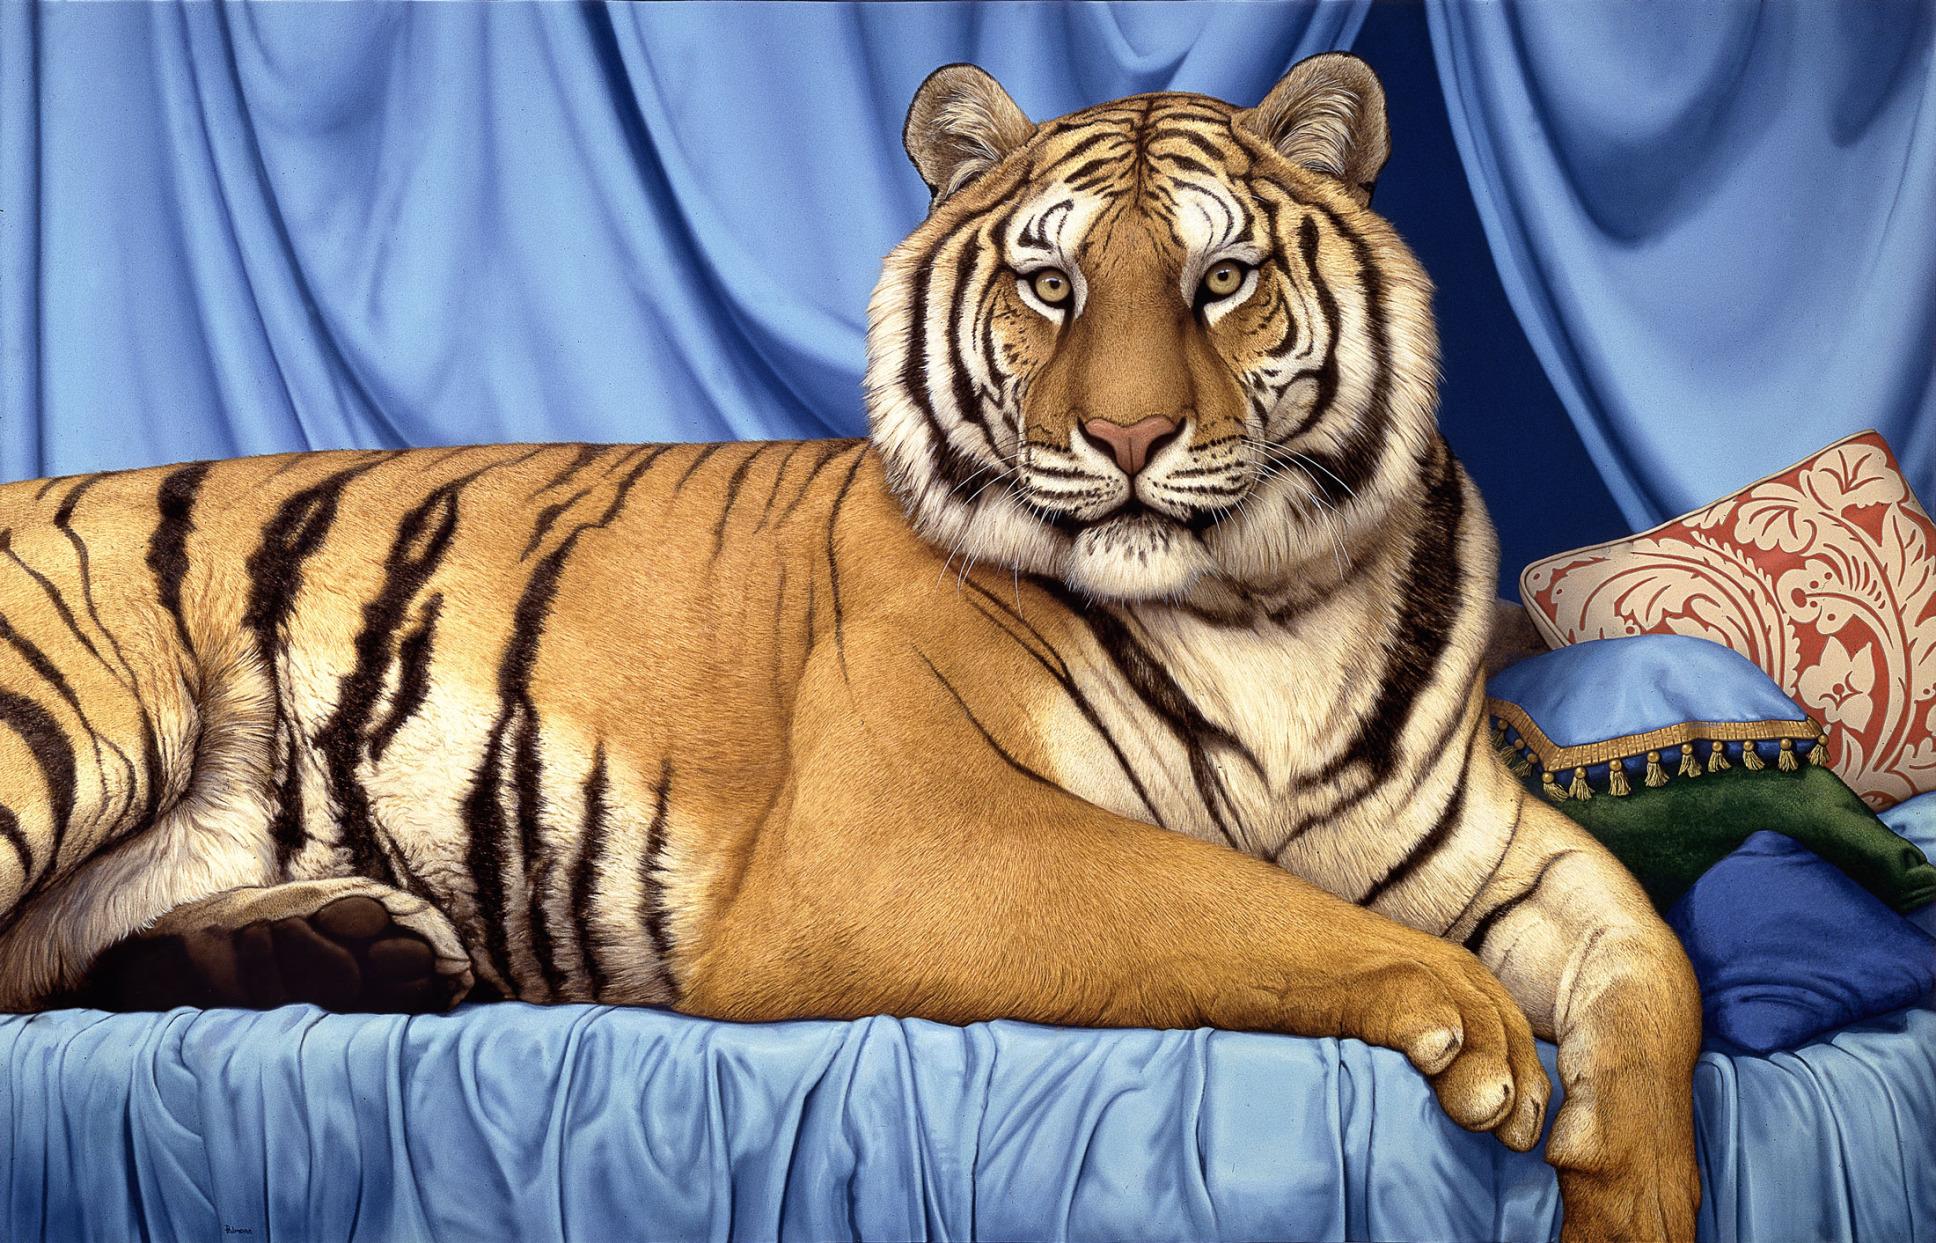 'Reclining Tiger,' 2004